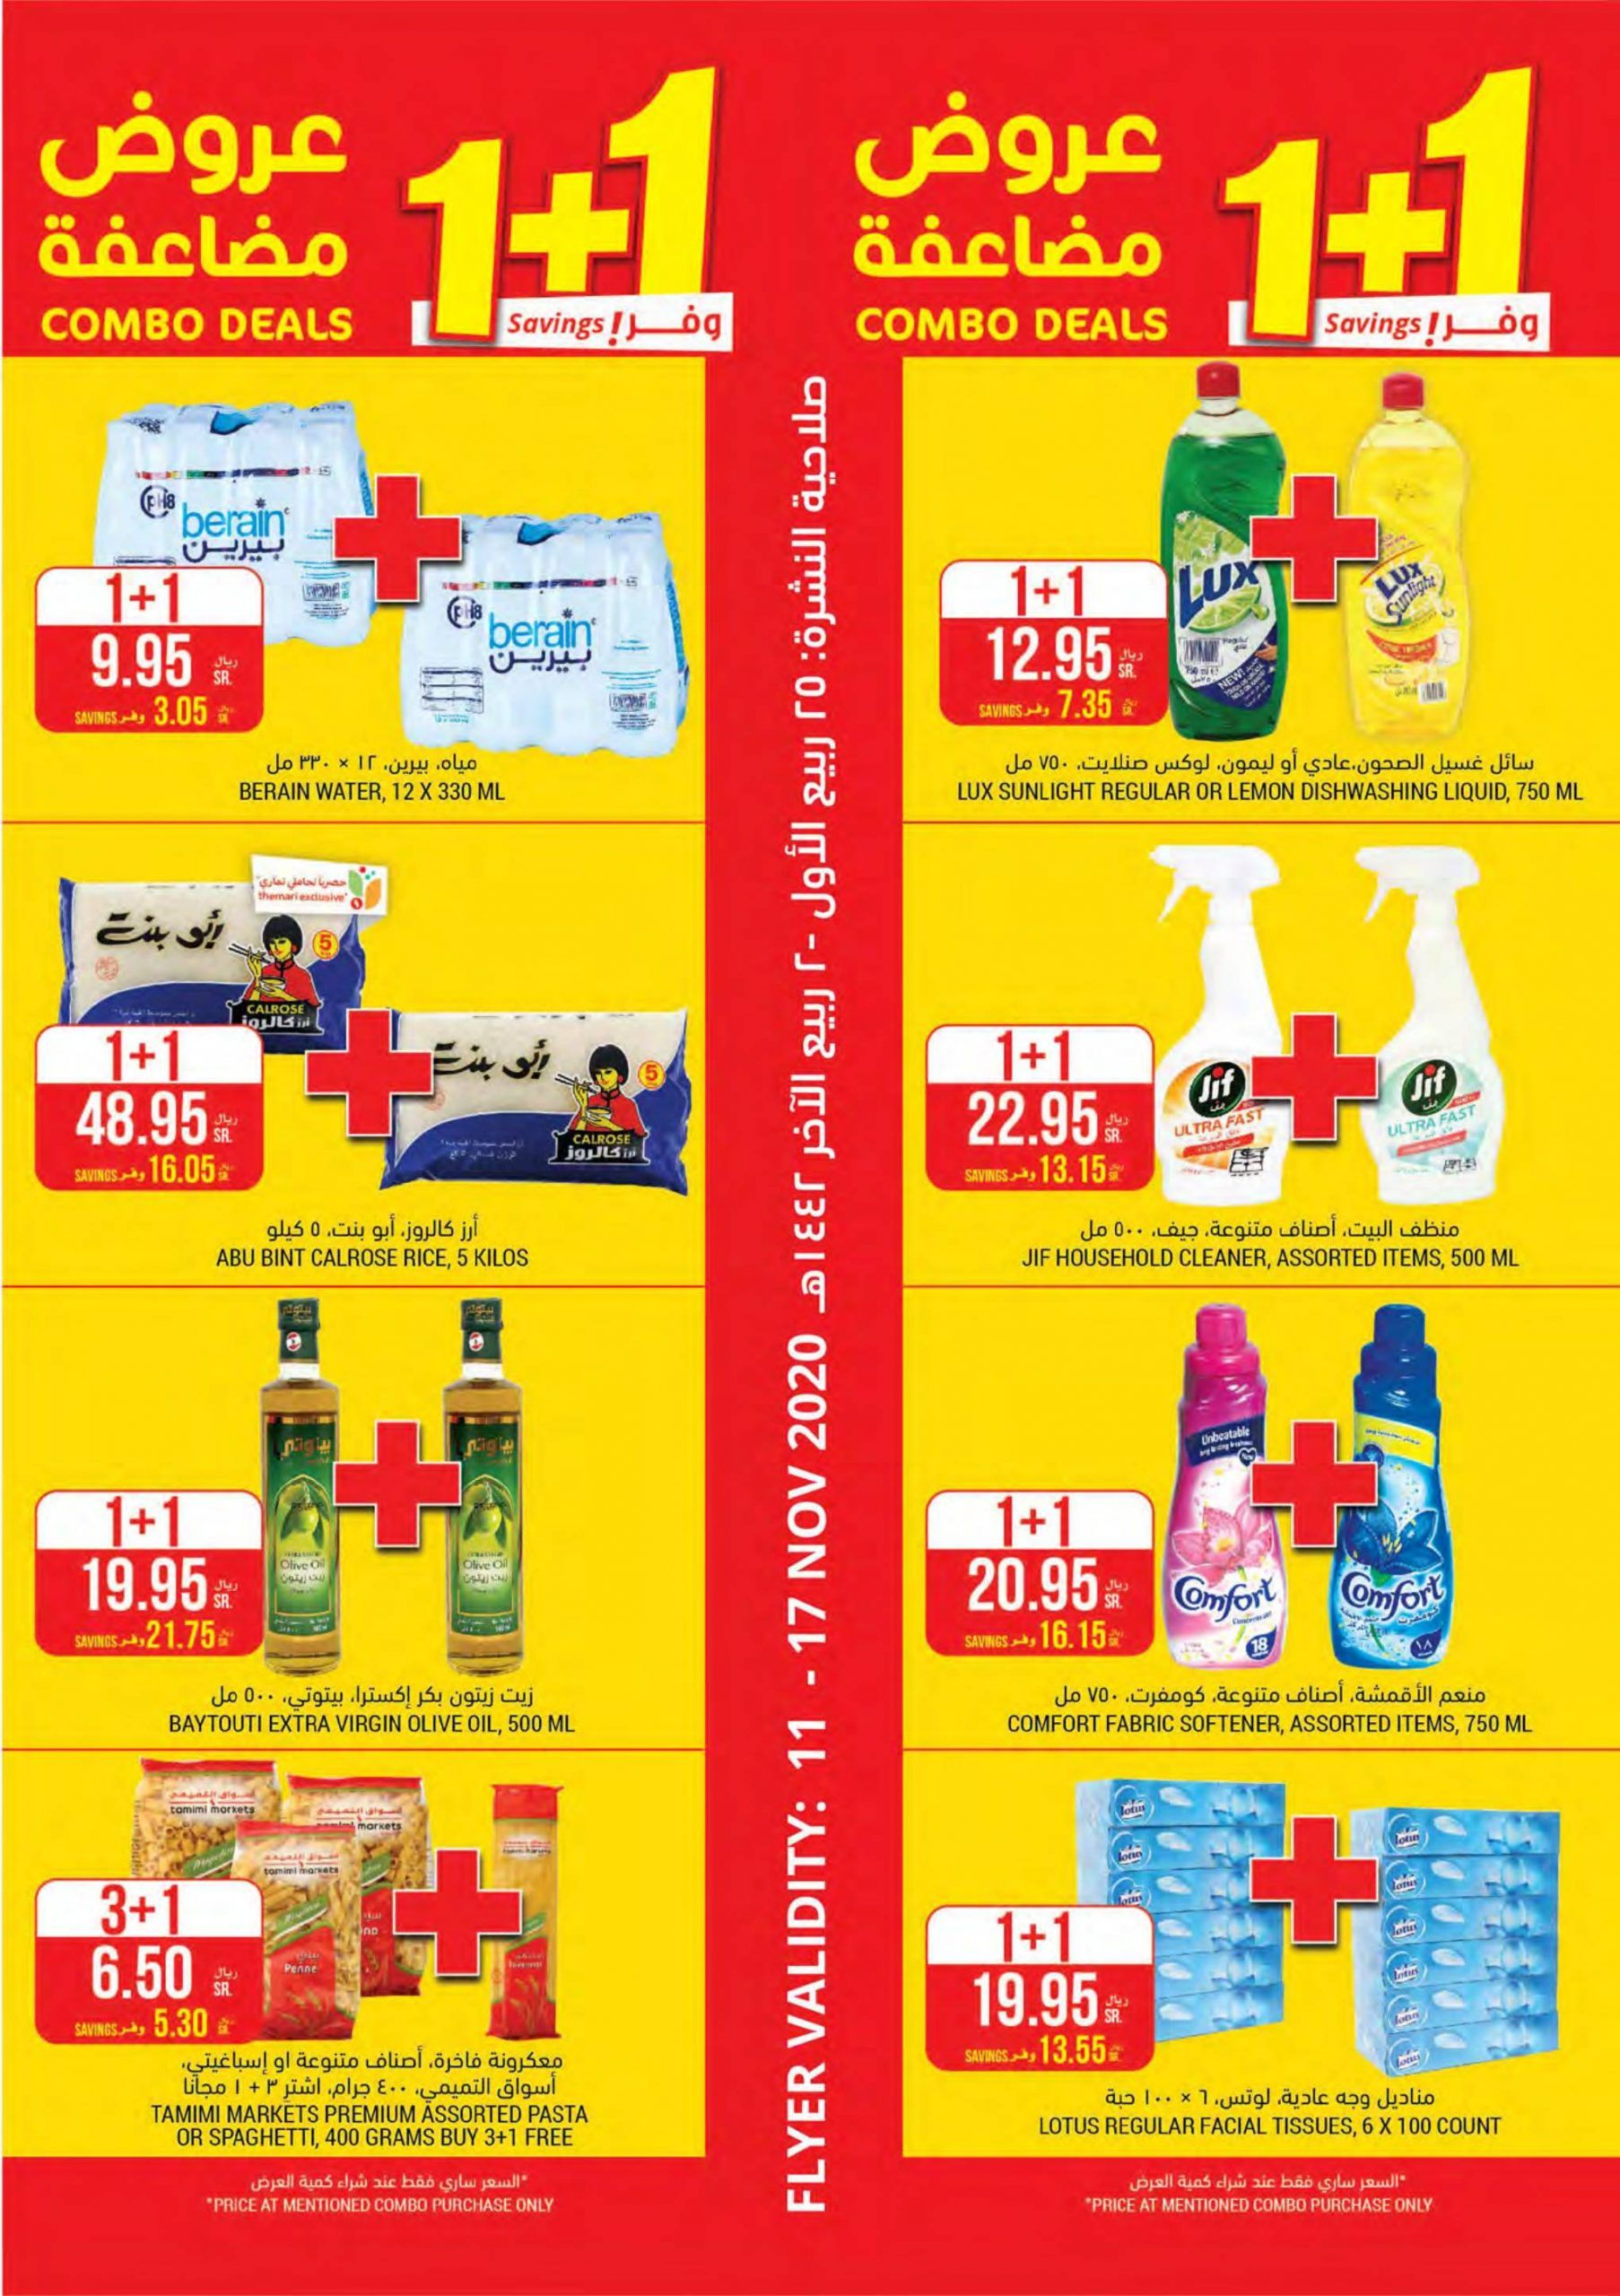 عروض التميمي الرياض والقصيم الاسبوعية 11 نوفمبر 2020 الموافق 25 ربيع الاول 1442 عروض الجمعة البيضاء Dishwasher Lemon Offer